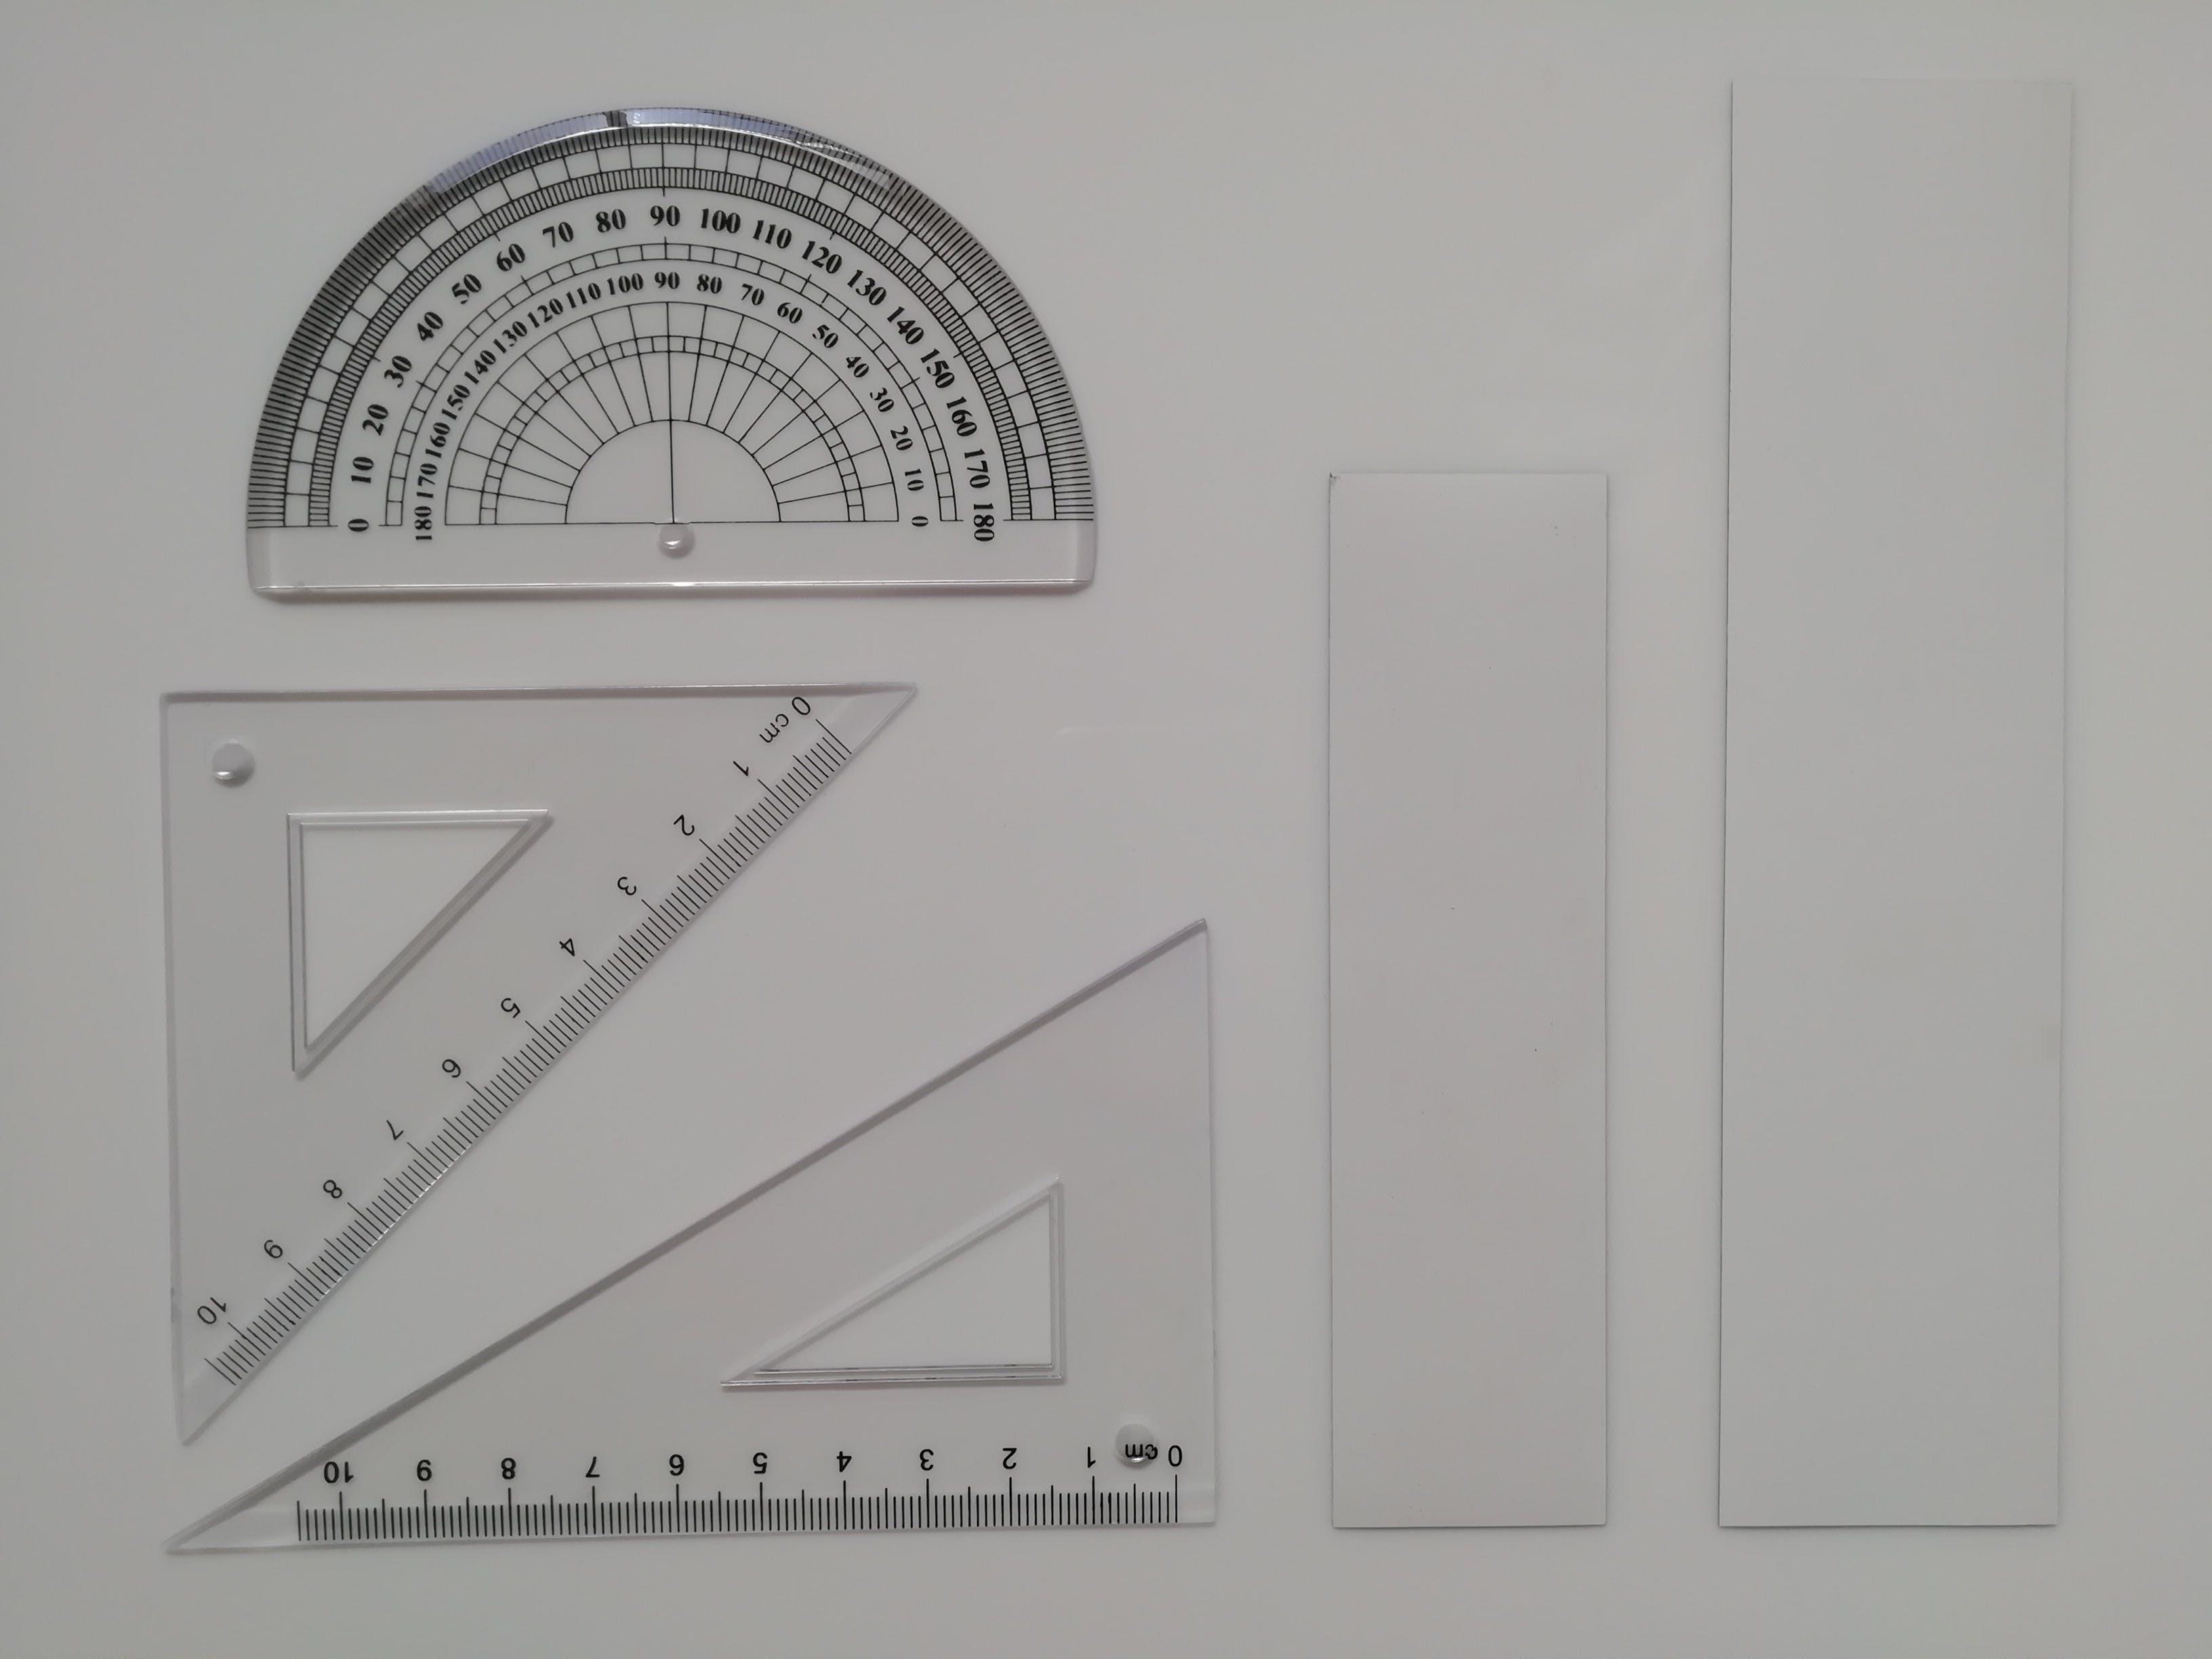 日本神奇文具發明 單手專用尺子「絶対等間」畫出完美直線